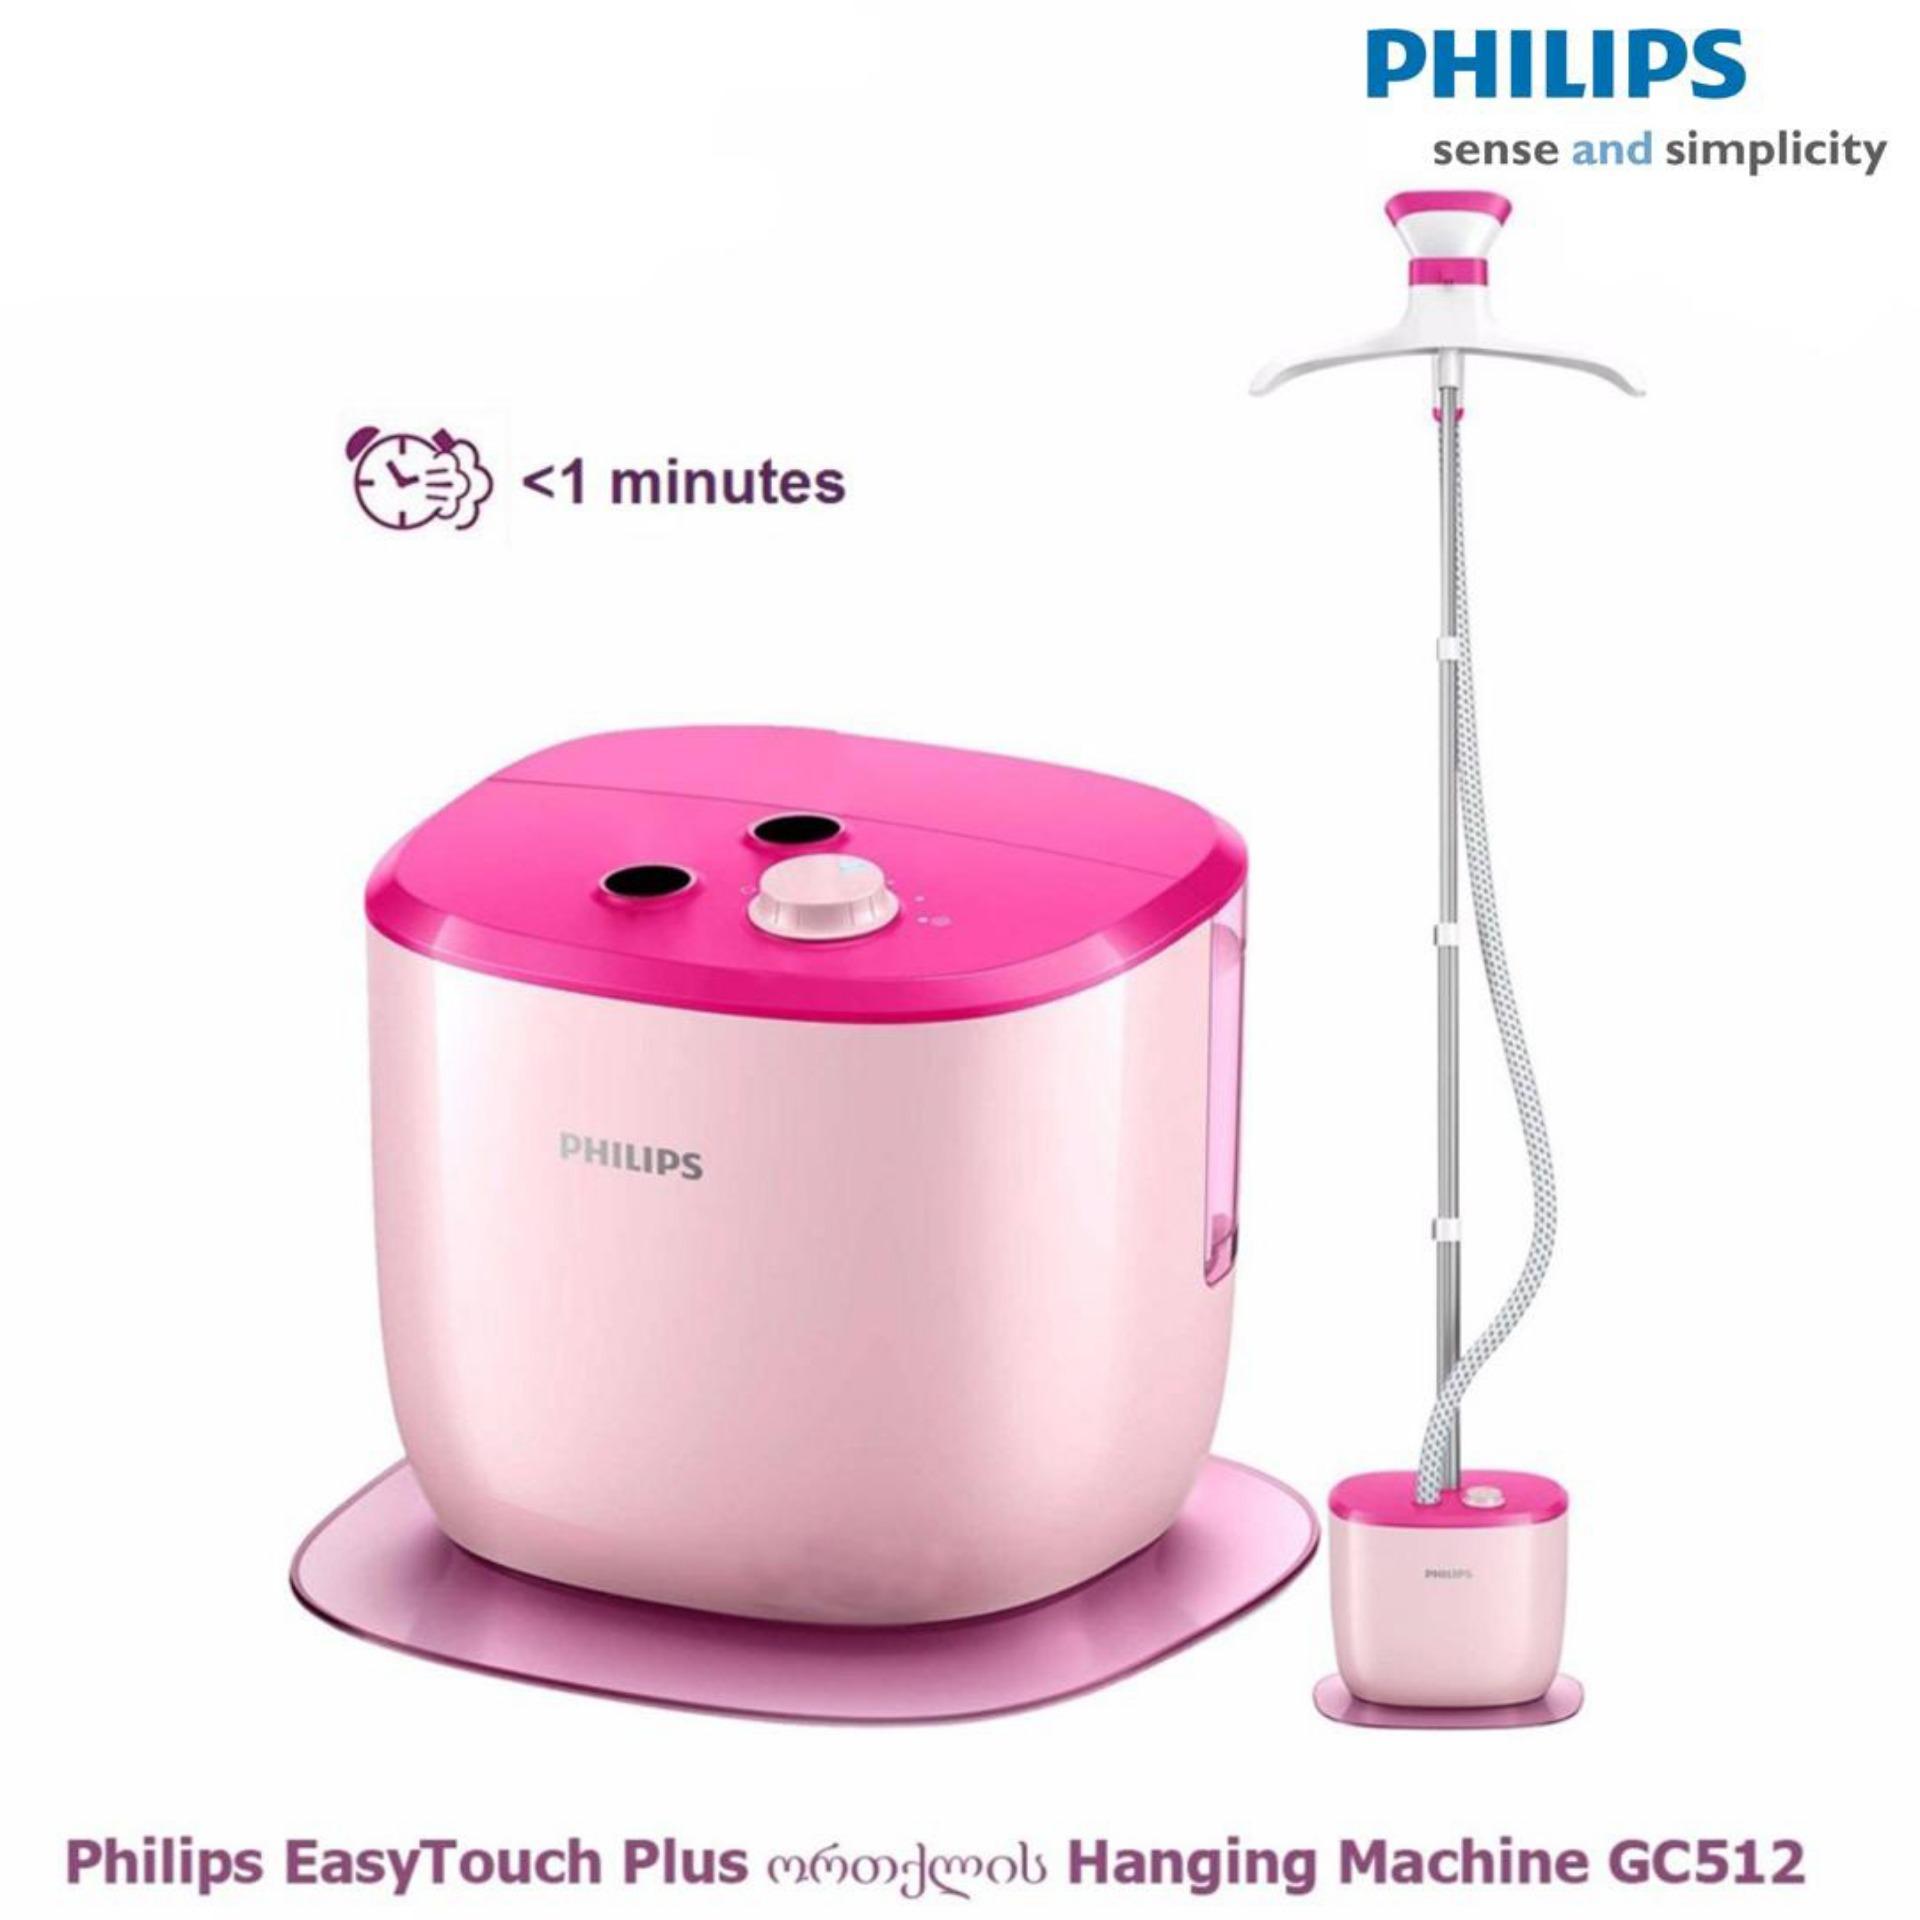 Bàn ủi hơi nước đứng Philips GC512 (Trắng phối Hồng ) - Hàng nhập khẩu